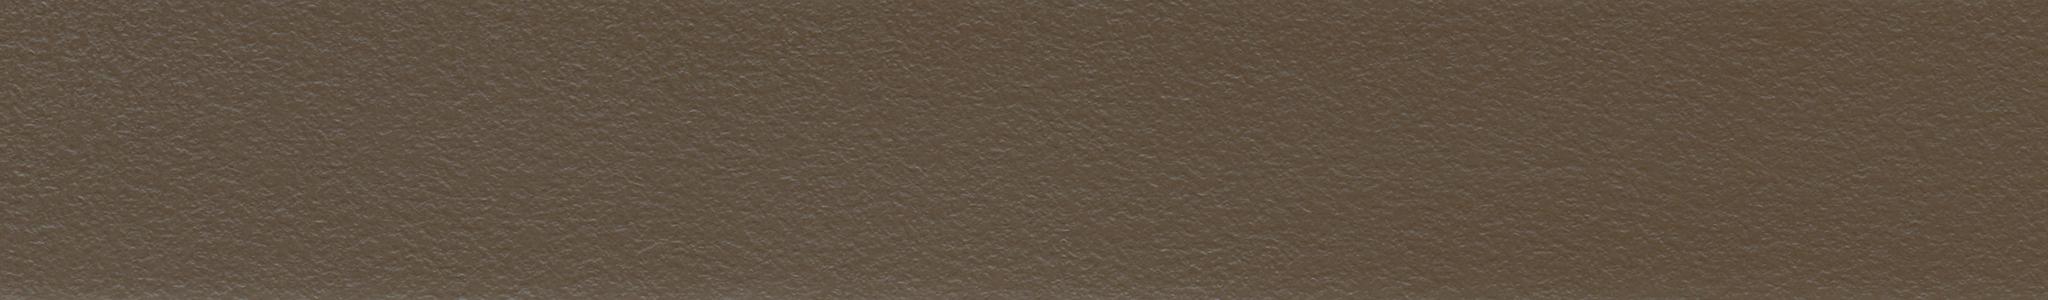 HU 180182 ABS hrana hnědá perla jemná 107